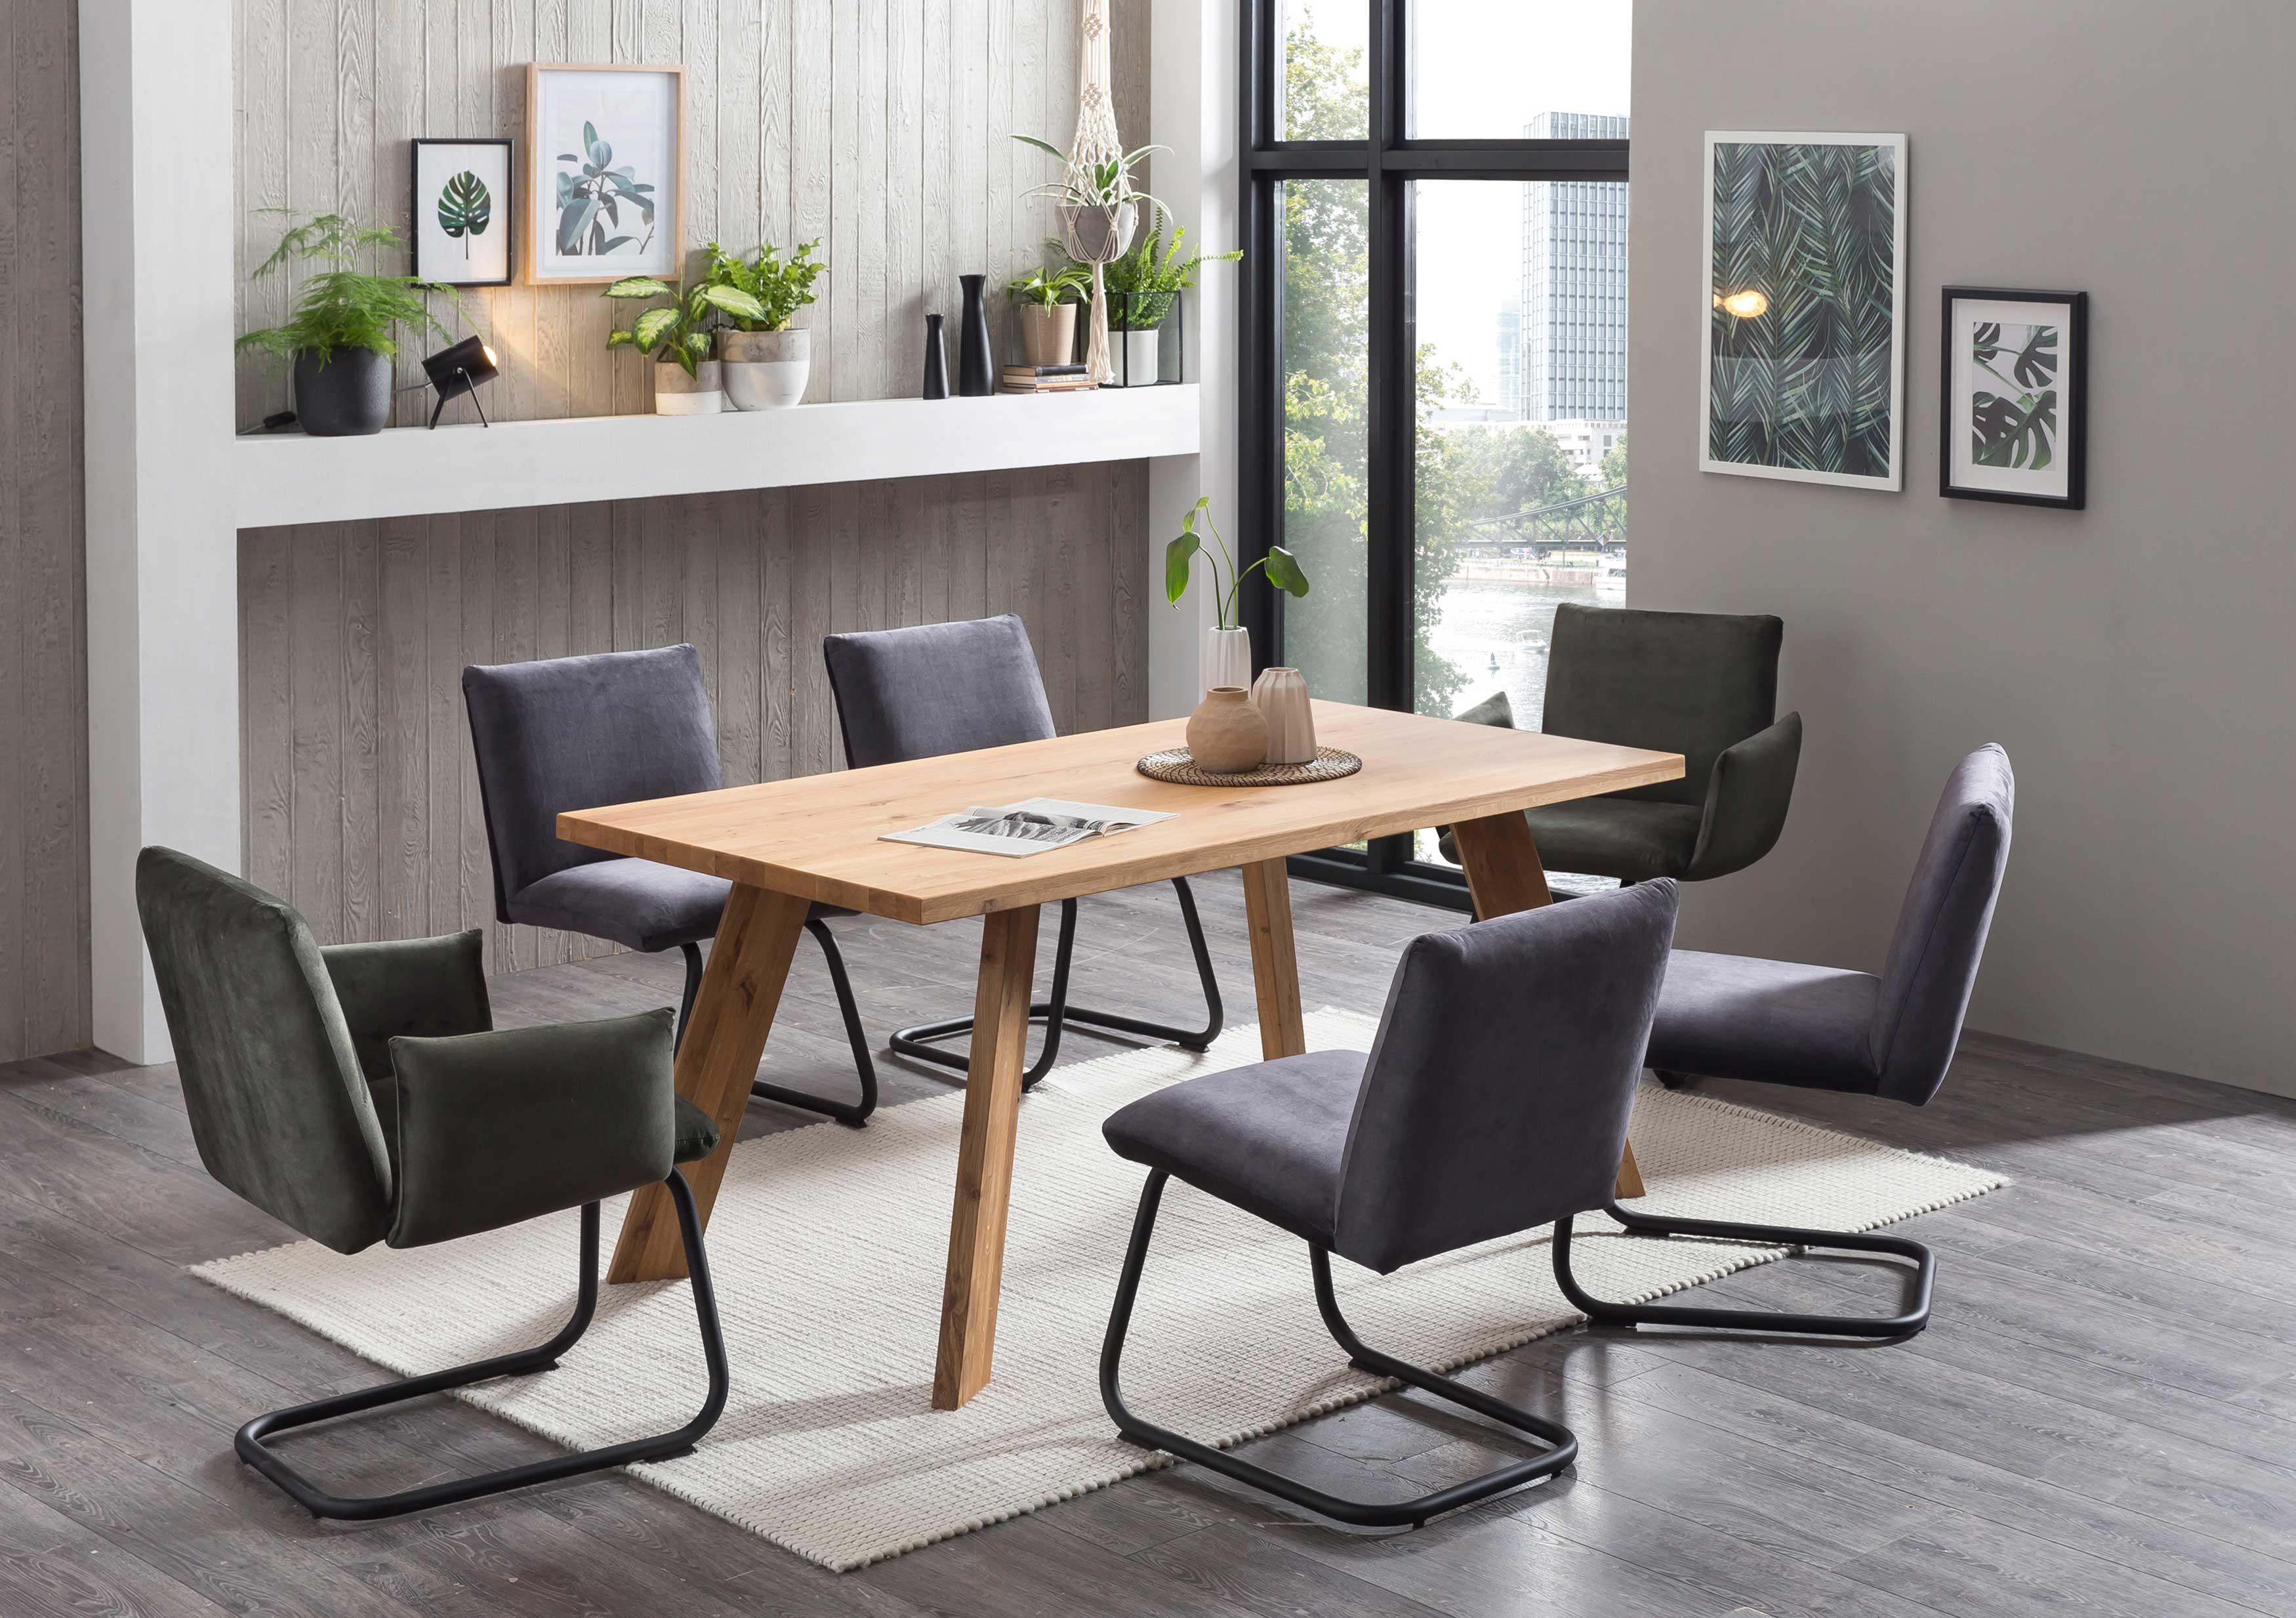 Standard Furniture Tischgruppe mit Mumbai Massivholztisch und Stühlen Padua eiche